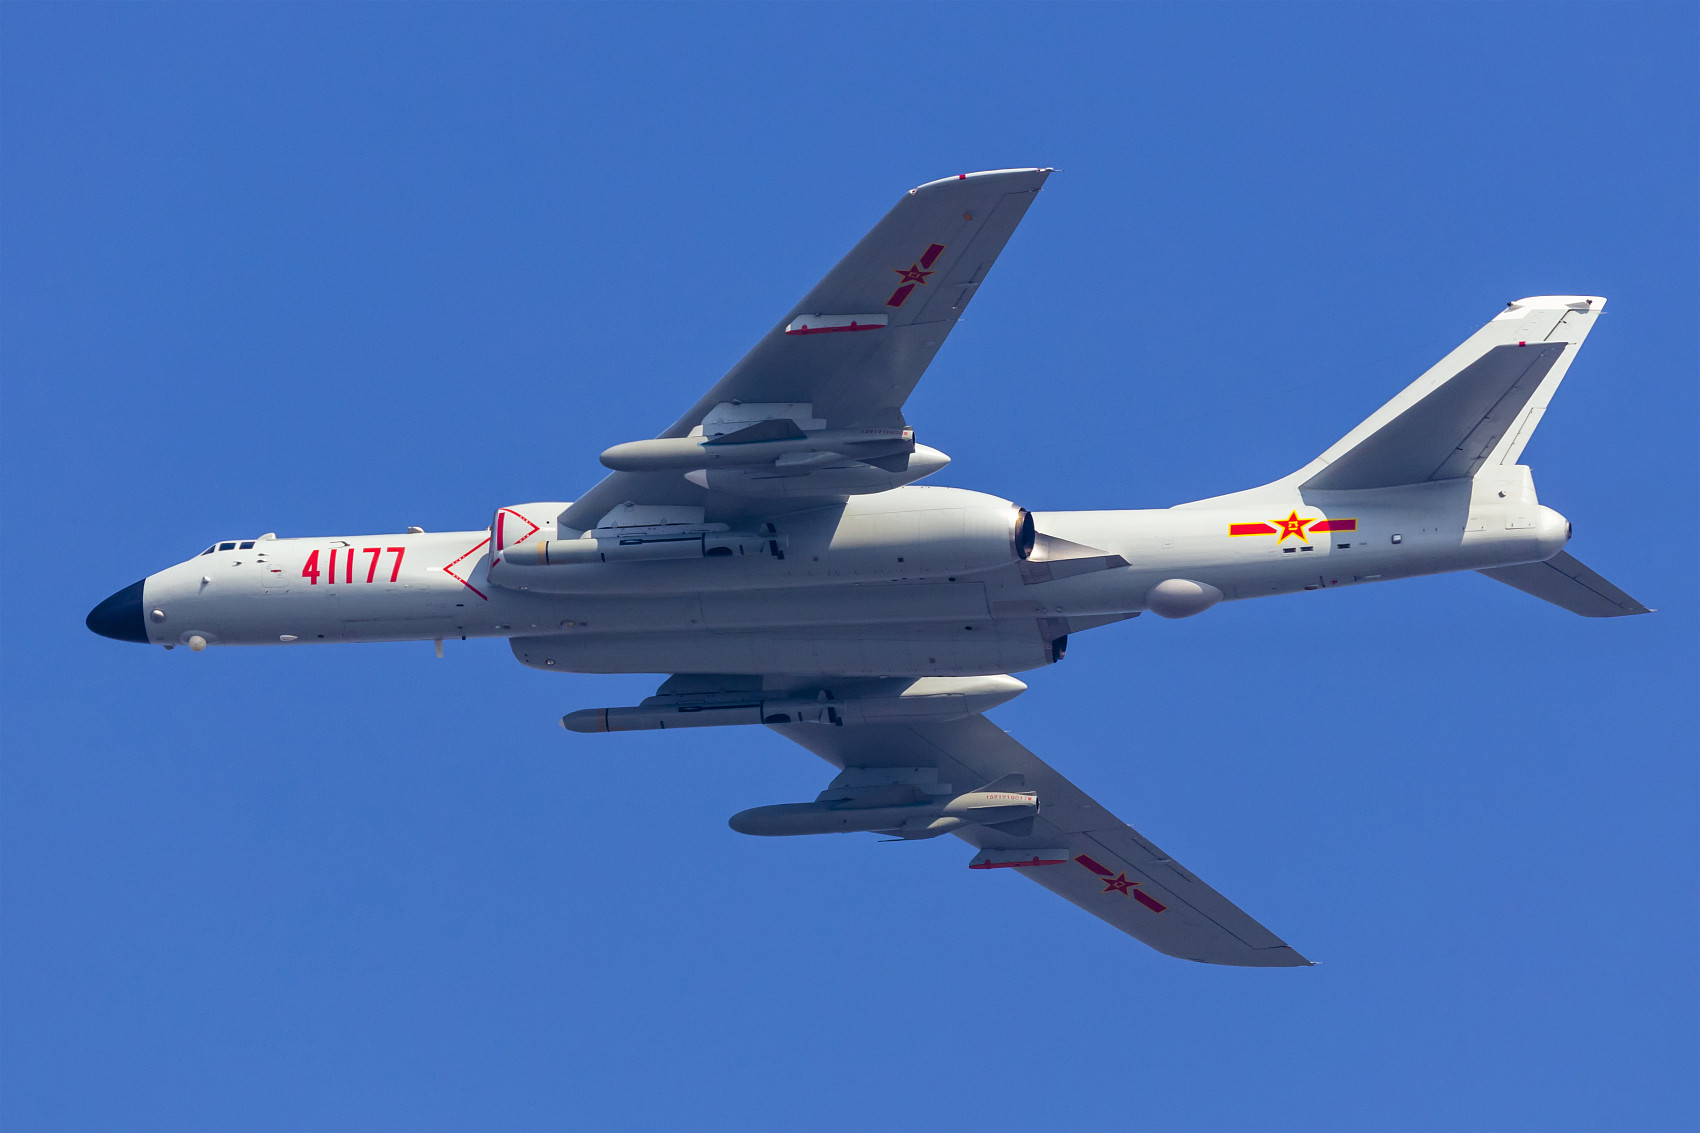 軍演,體系化作戰機群,共機,西南空域,轟-6K,南海,巴士海峽,空警-500,遼寧號,南昌號,菲律賓海,羅斯福號,IL-78空中加油機